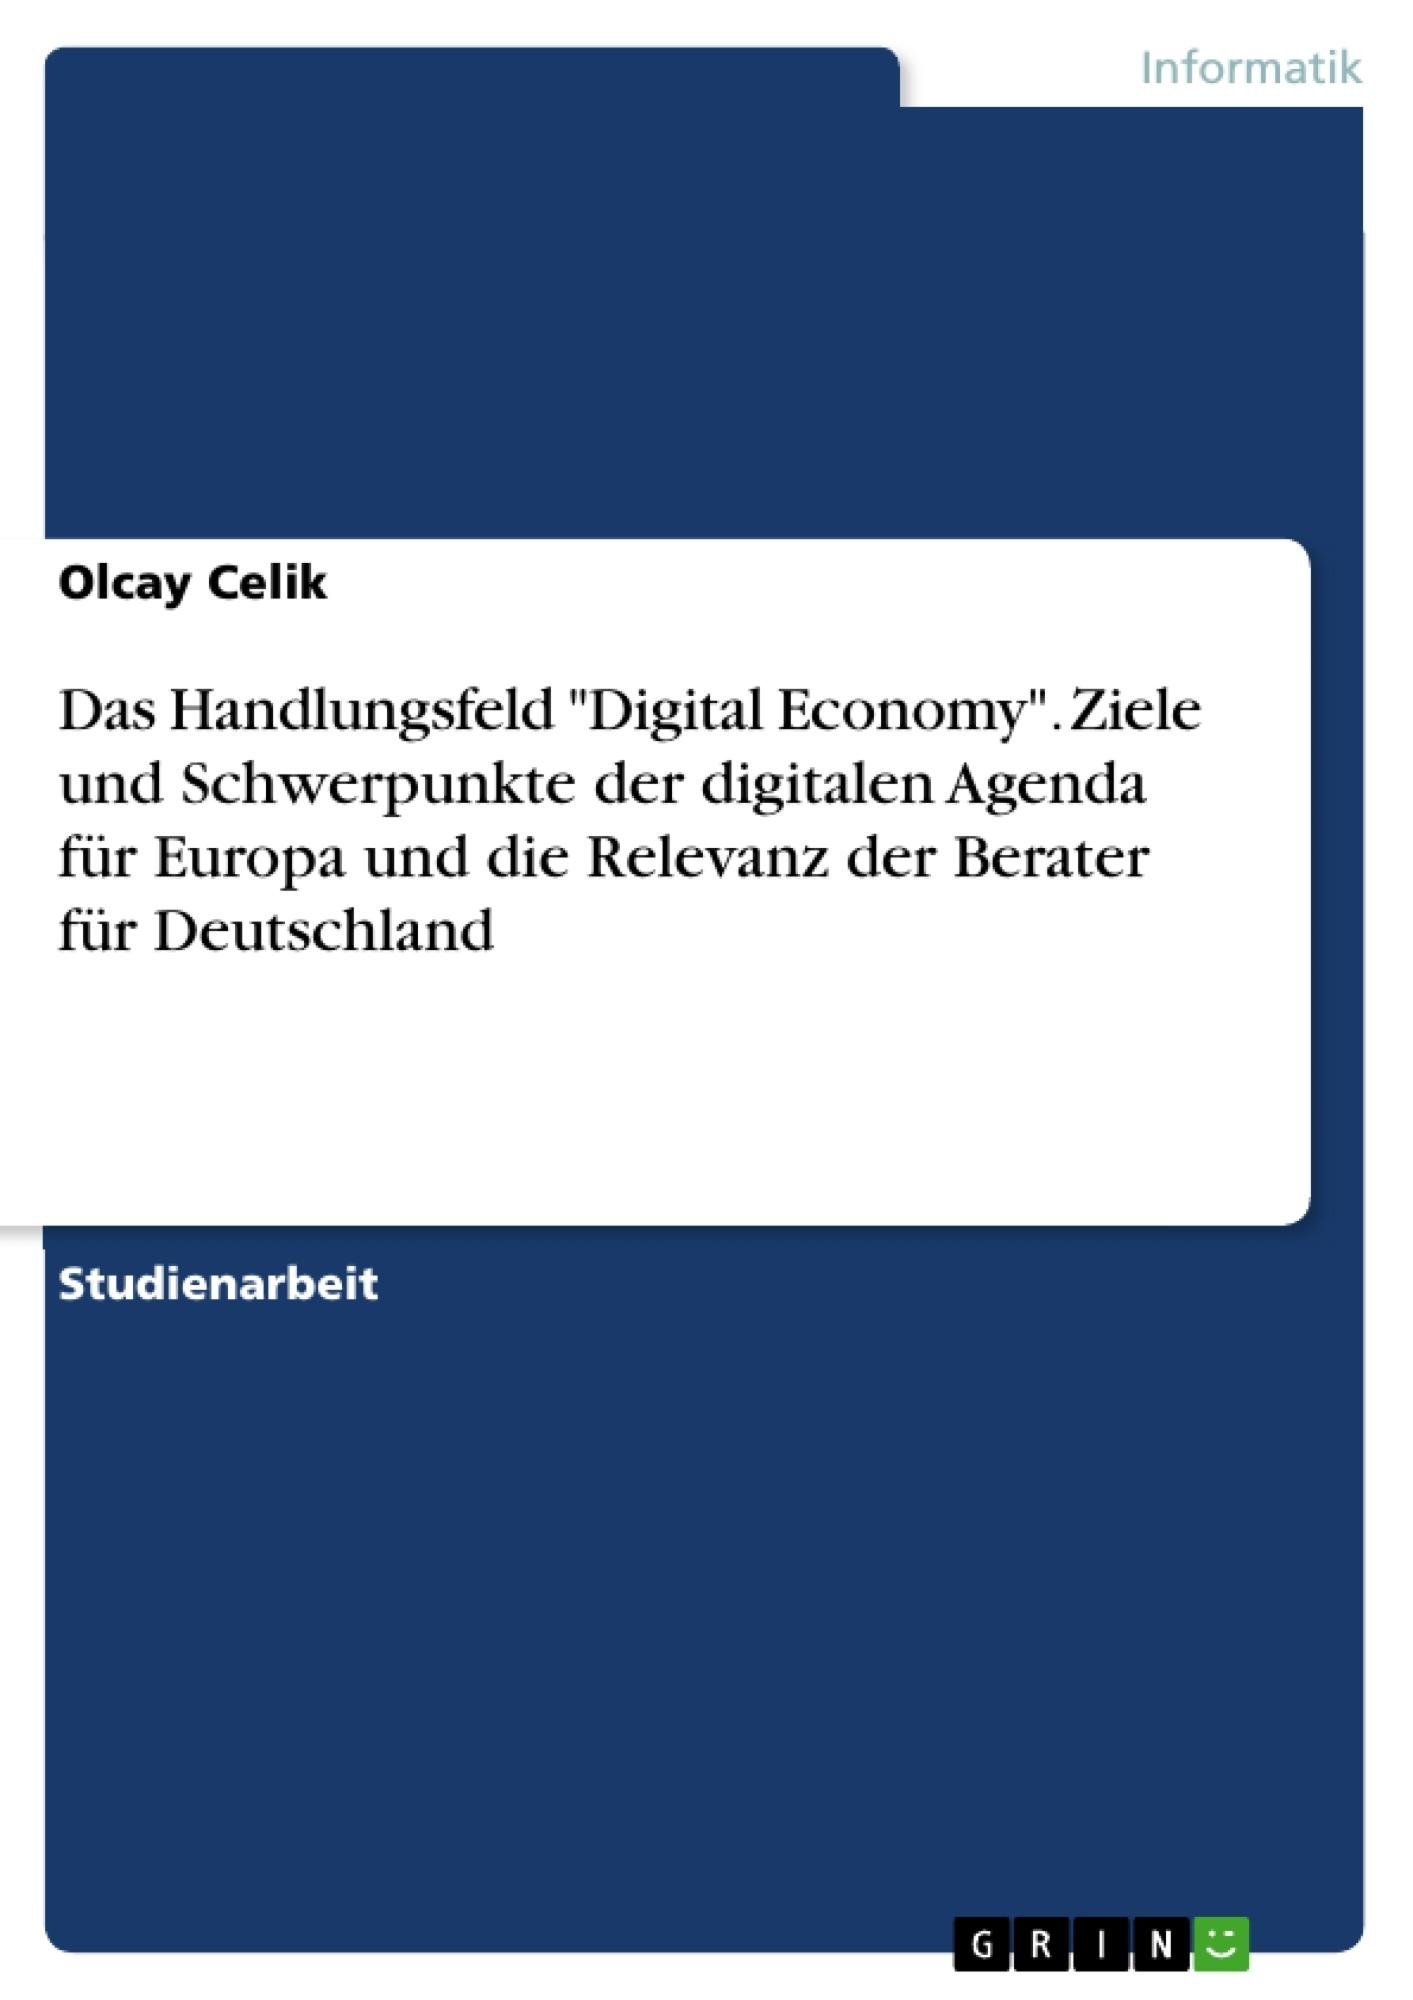 """Titel: Das Handlungsfeld """"Digital Economy"""". Ziele und Schwerpunkte der digitalen Agenda für Europa und die Relevanz der Berater für Deutschland"""